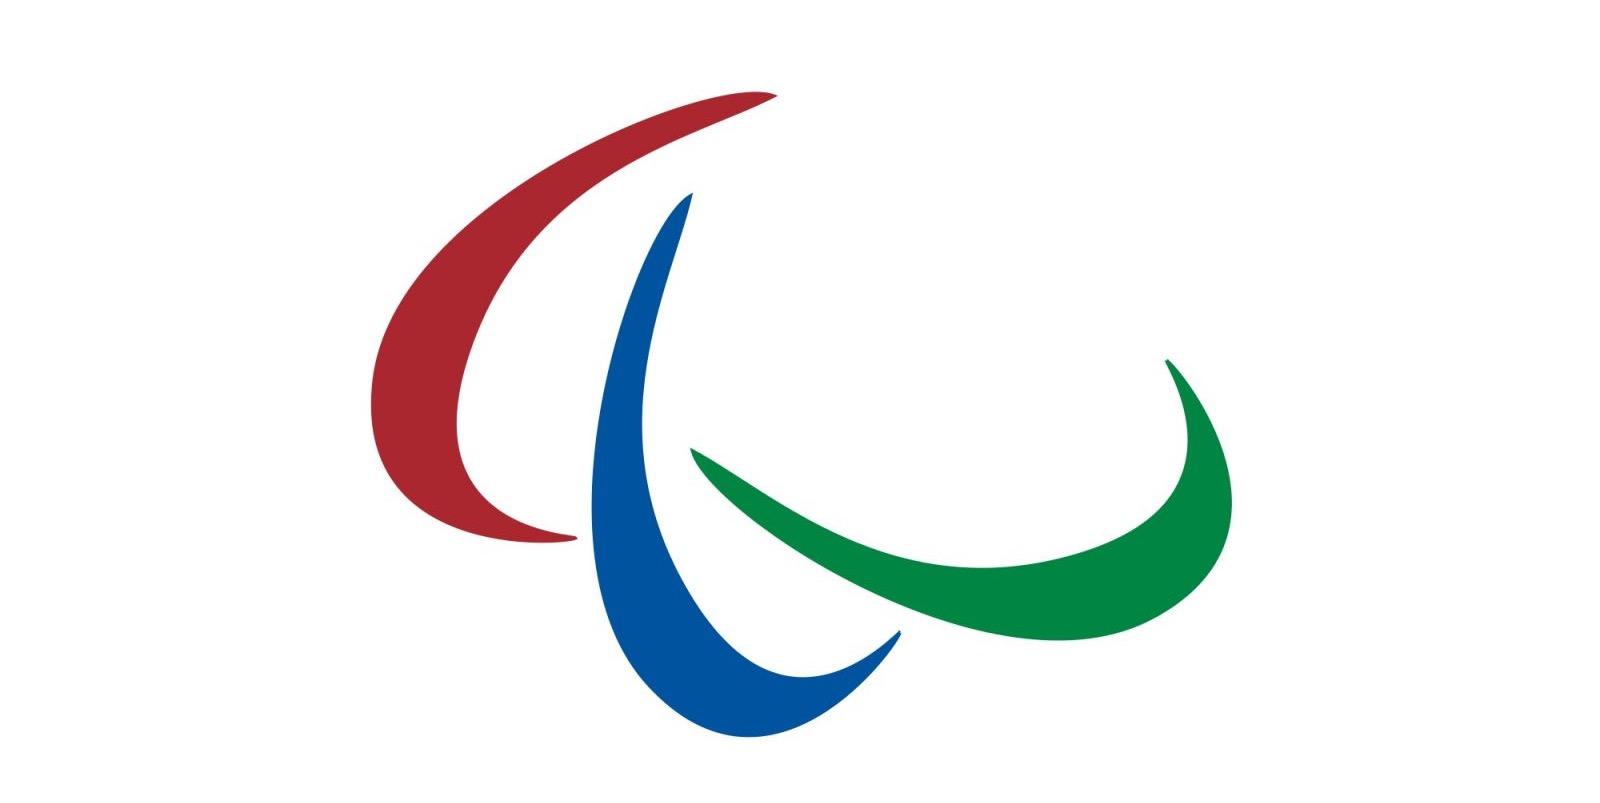 МПК 29 января 2018 года в г. Бонне (Германия) проведет пресс-конференцию о ходе восстановления членства ПКР в МПК и допуску российских спортсменов до Паралимпийских зимних игр 2018 года